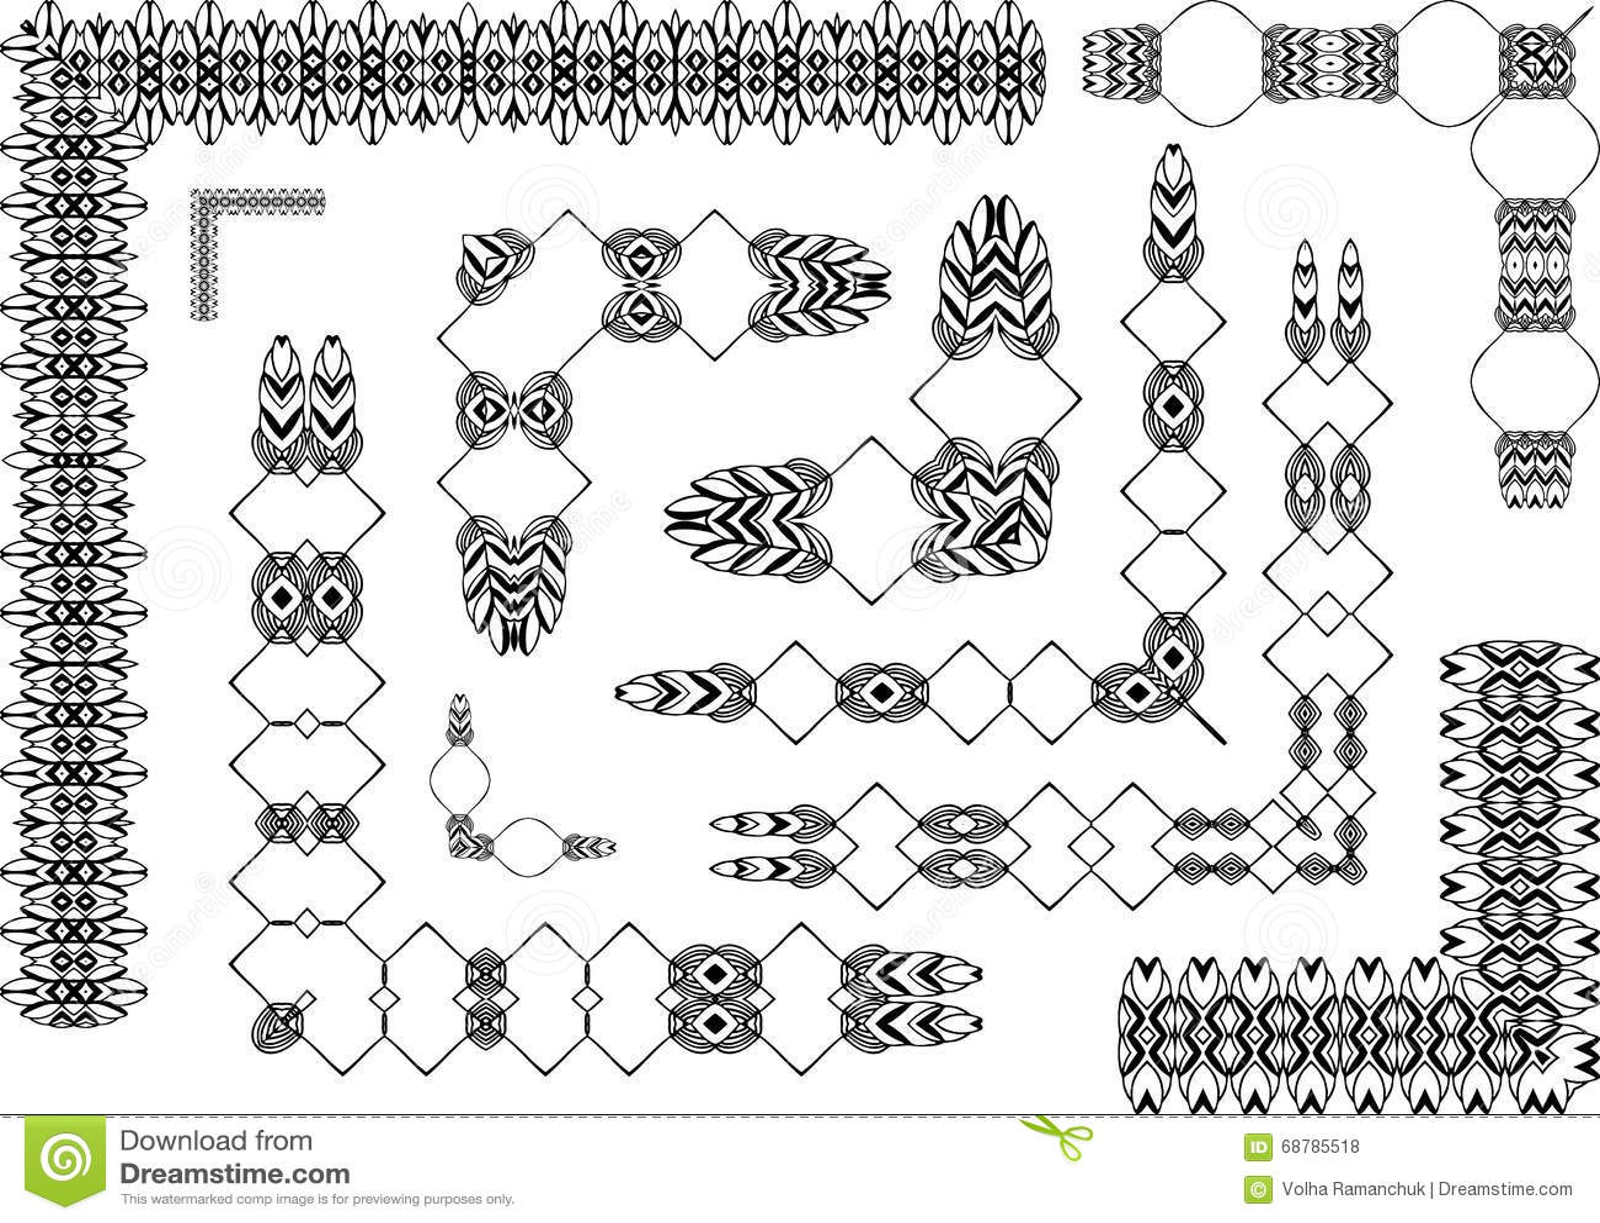 Paginas decoracion related image with bordes para decorar for Paginas de decoracion de interiores